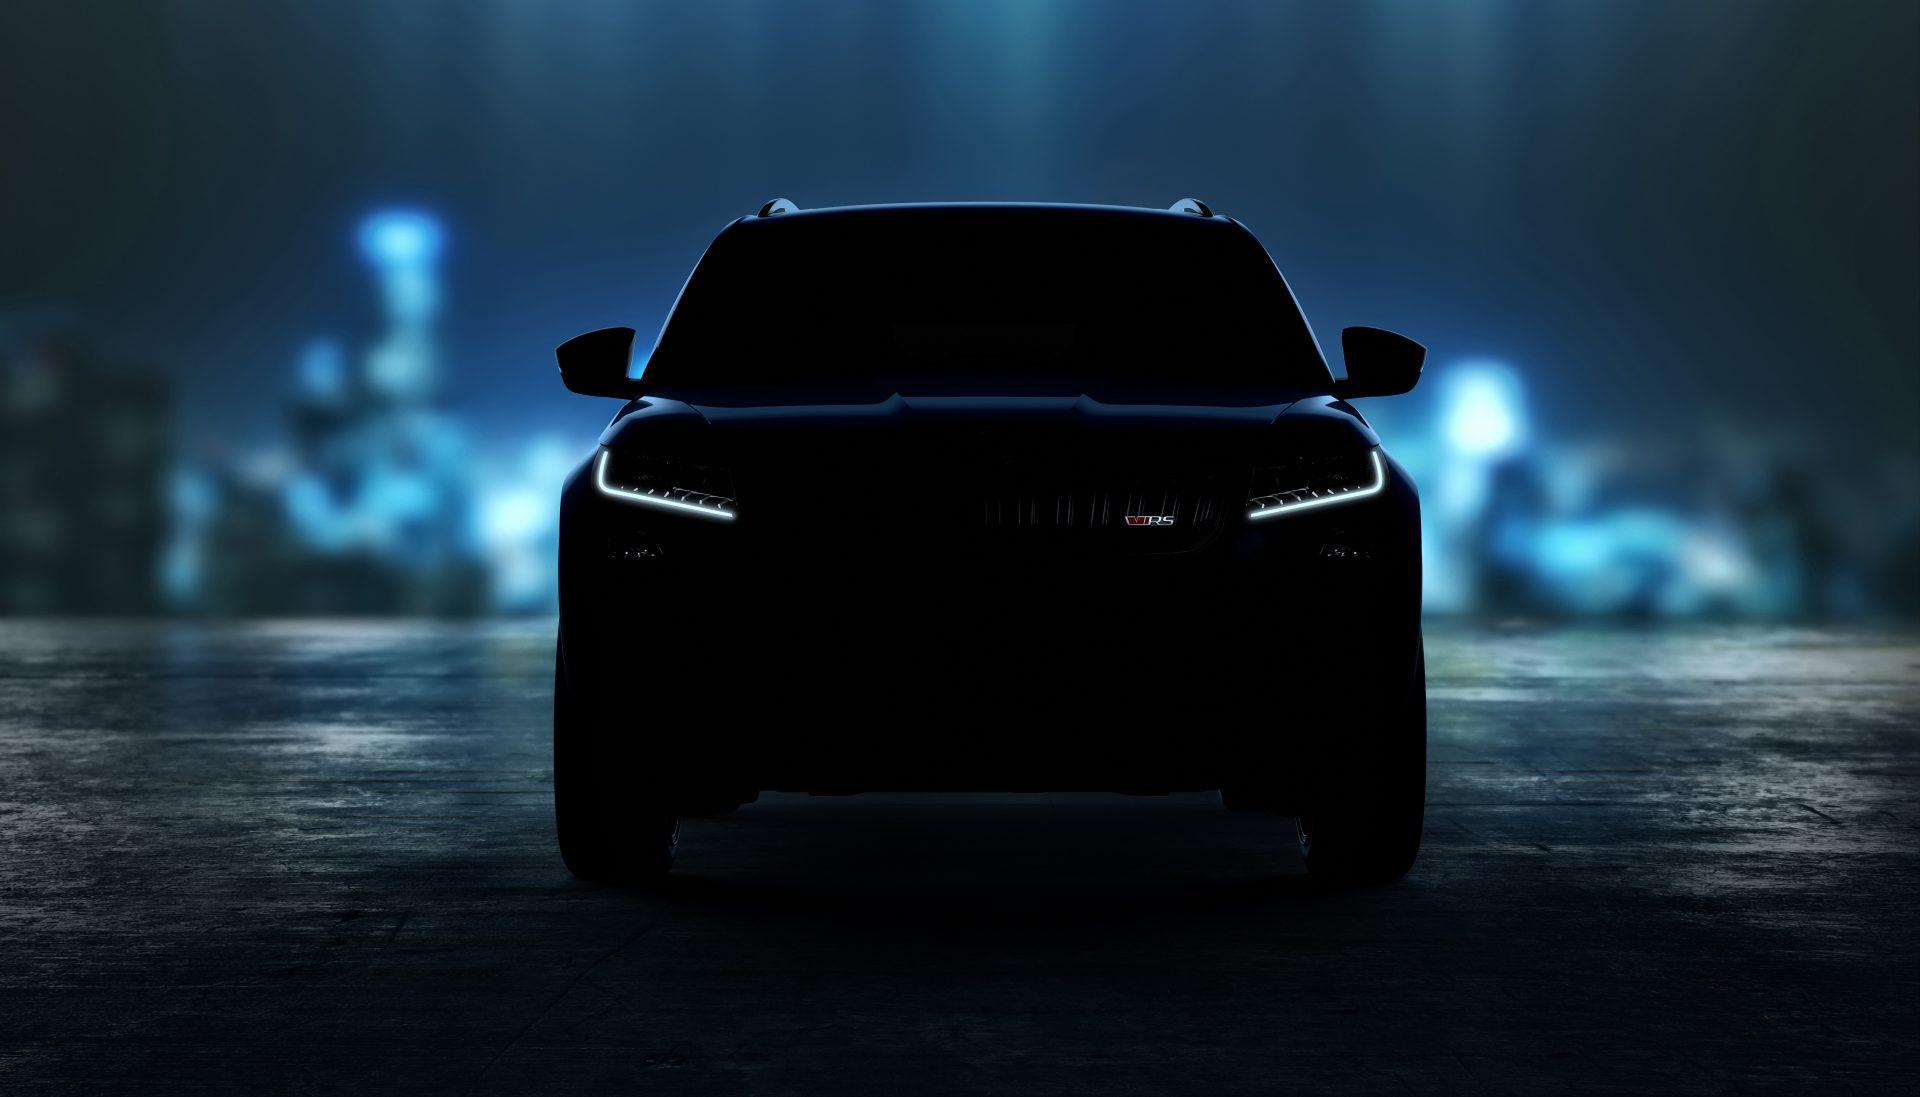 V jako vítězství: Nové logo RS se představí na modelu KODIAQ RS